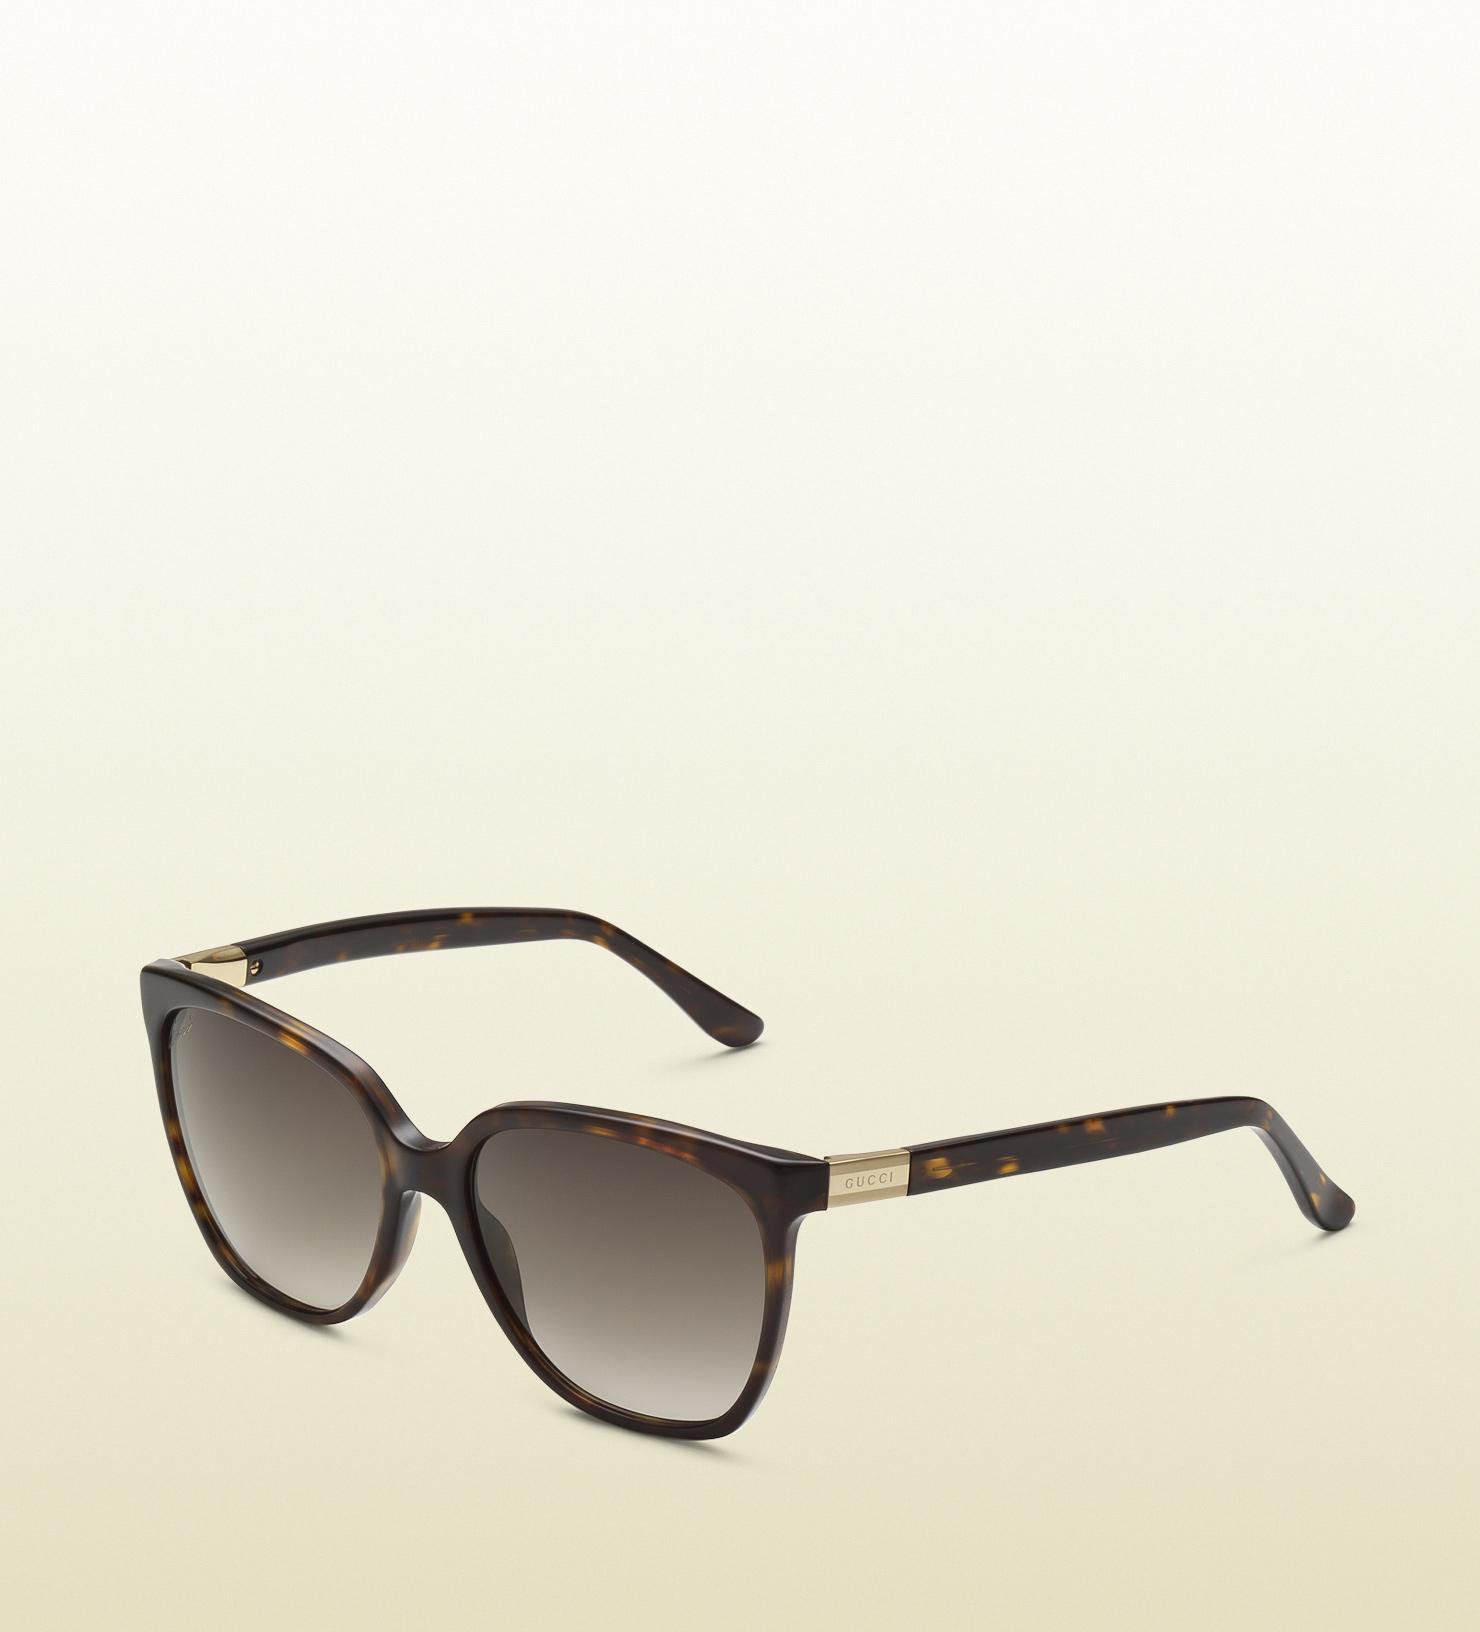 fcfc9af247ca Lyst - Gucci Womens Biobased Square Sunglasses in Black